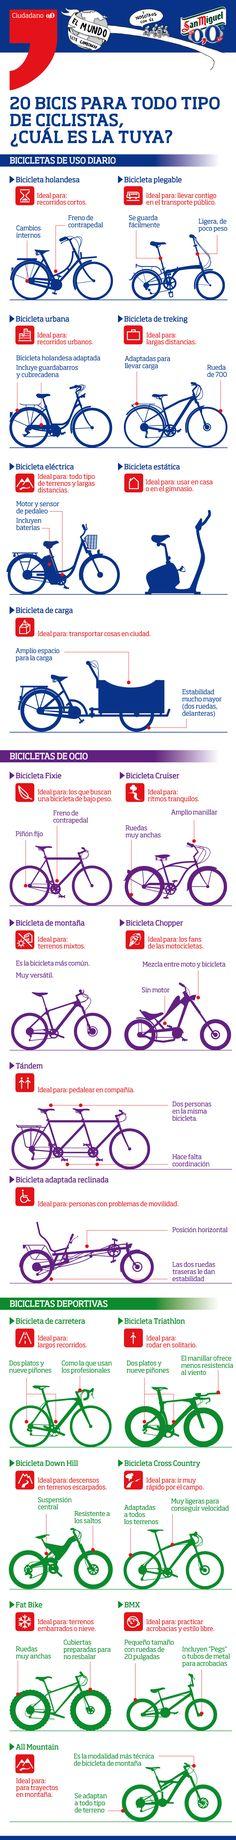 20 tipos de bicicletas para usar en la ciudad en los desplazamientos diarios, por ocio o para un uso más deportivo, ¿sabes ya cuál es tu tipo de bici ideal?